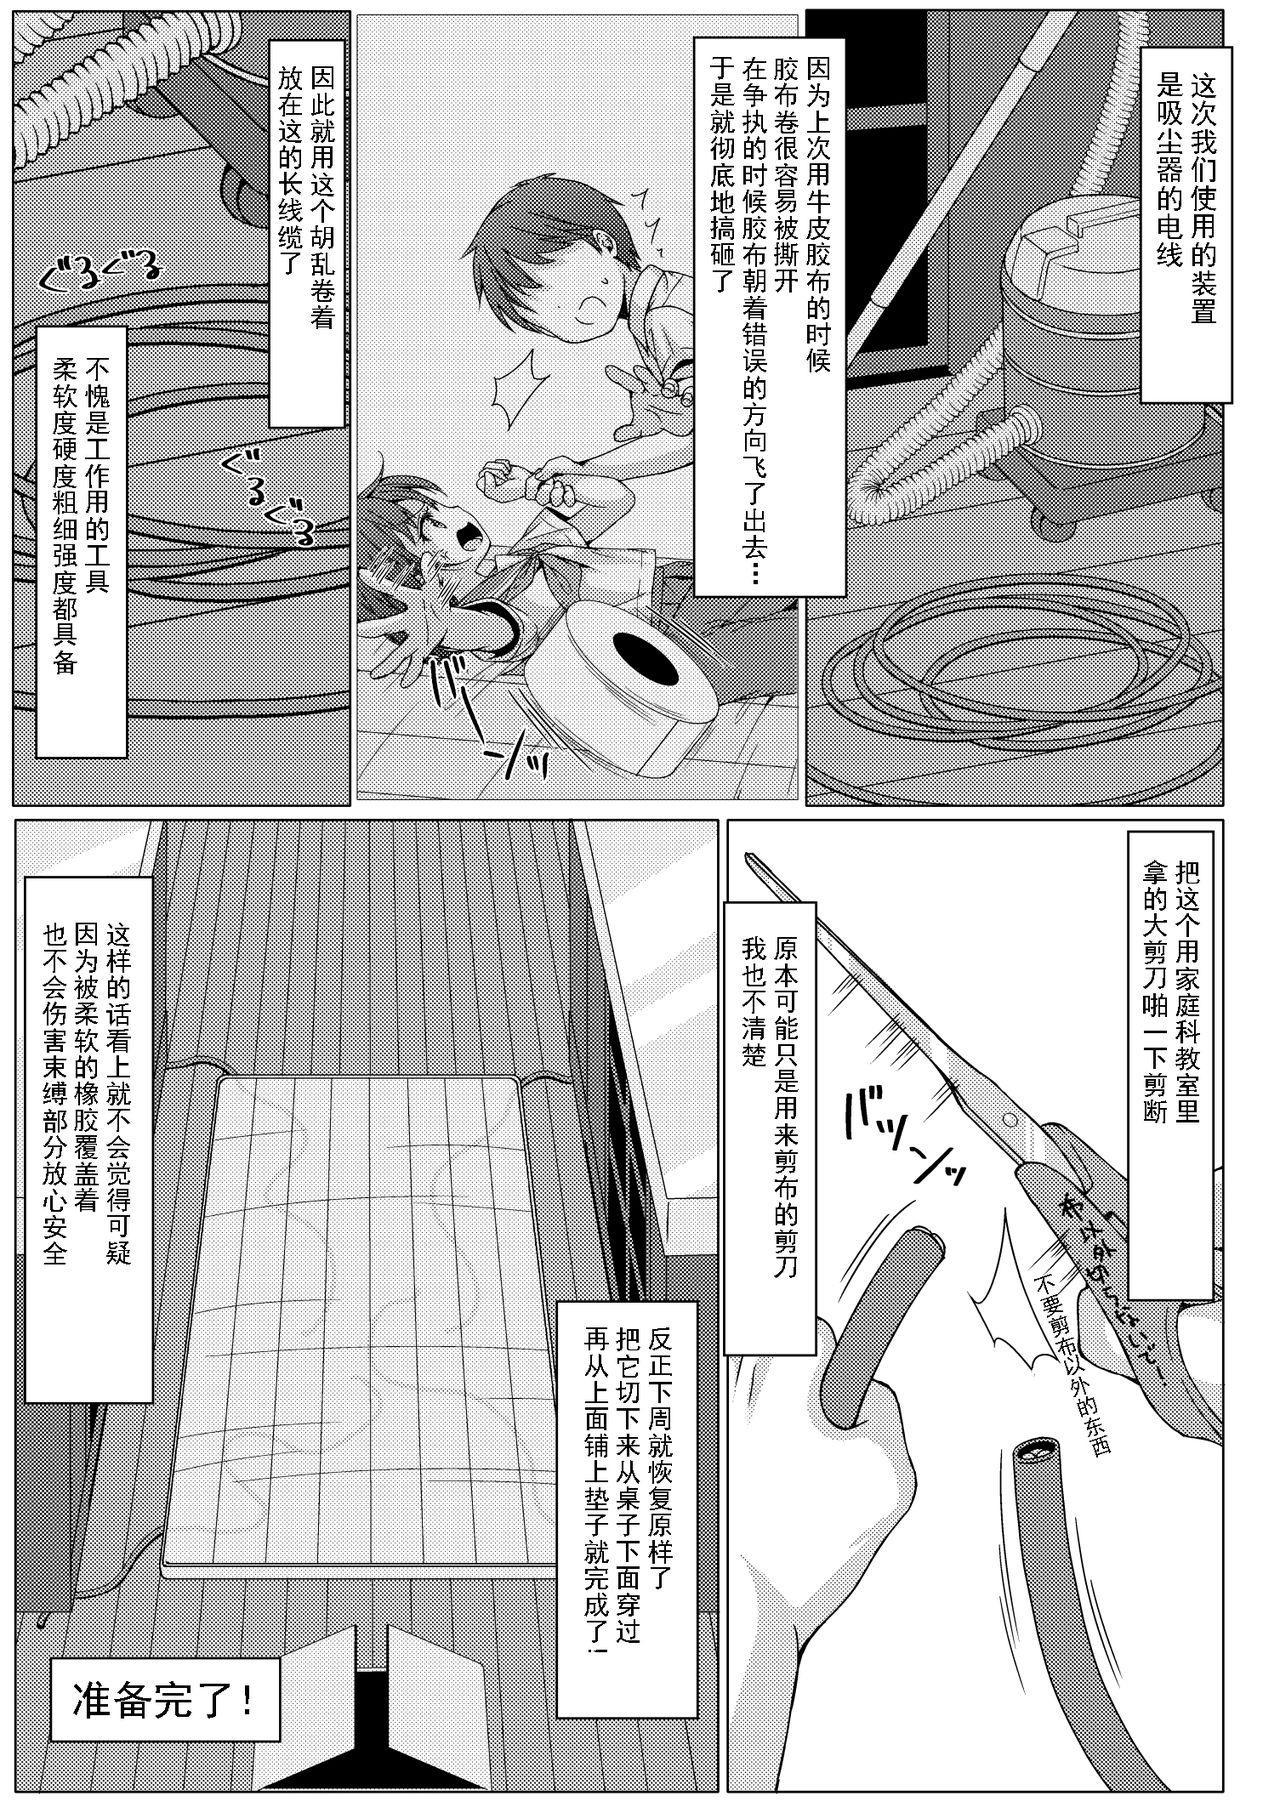 Isshuukan de Mugen Loop Shiteru to Kigatsuita kara, Kounai ni Yaribeya Tsukutta! 2 4